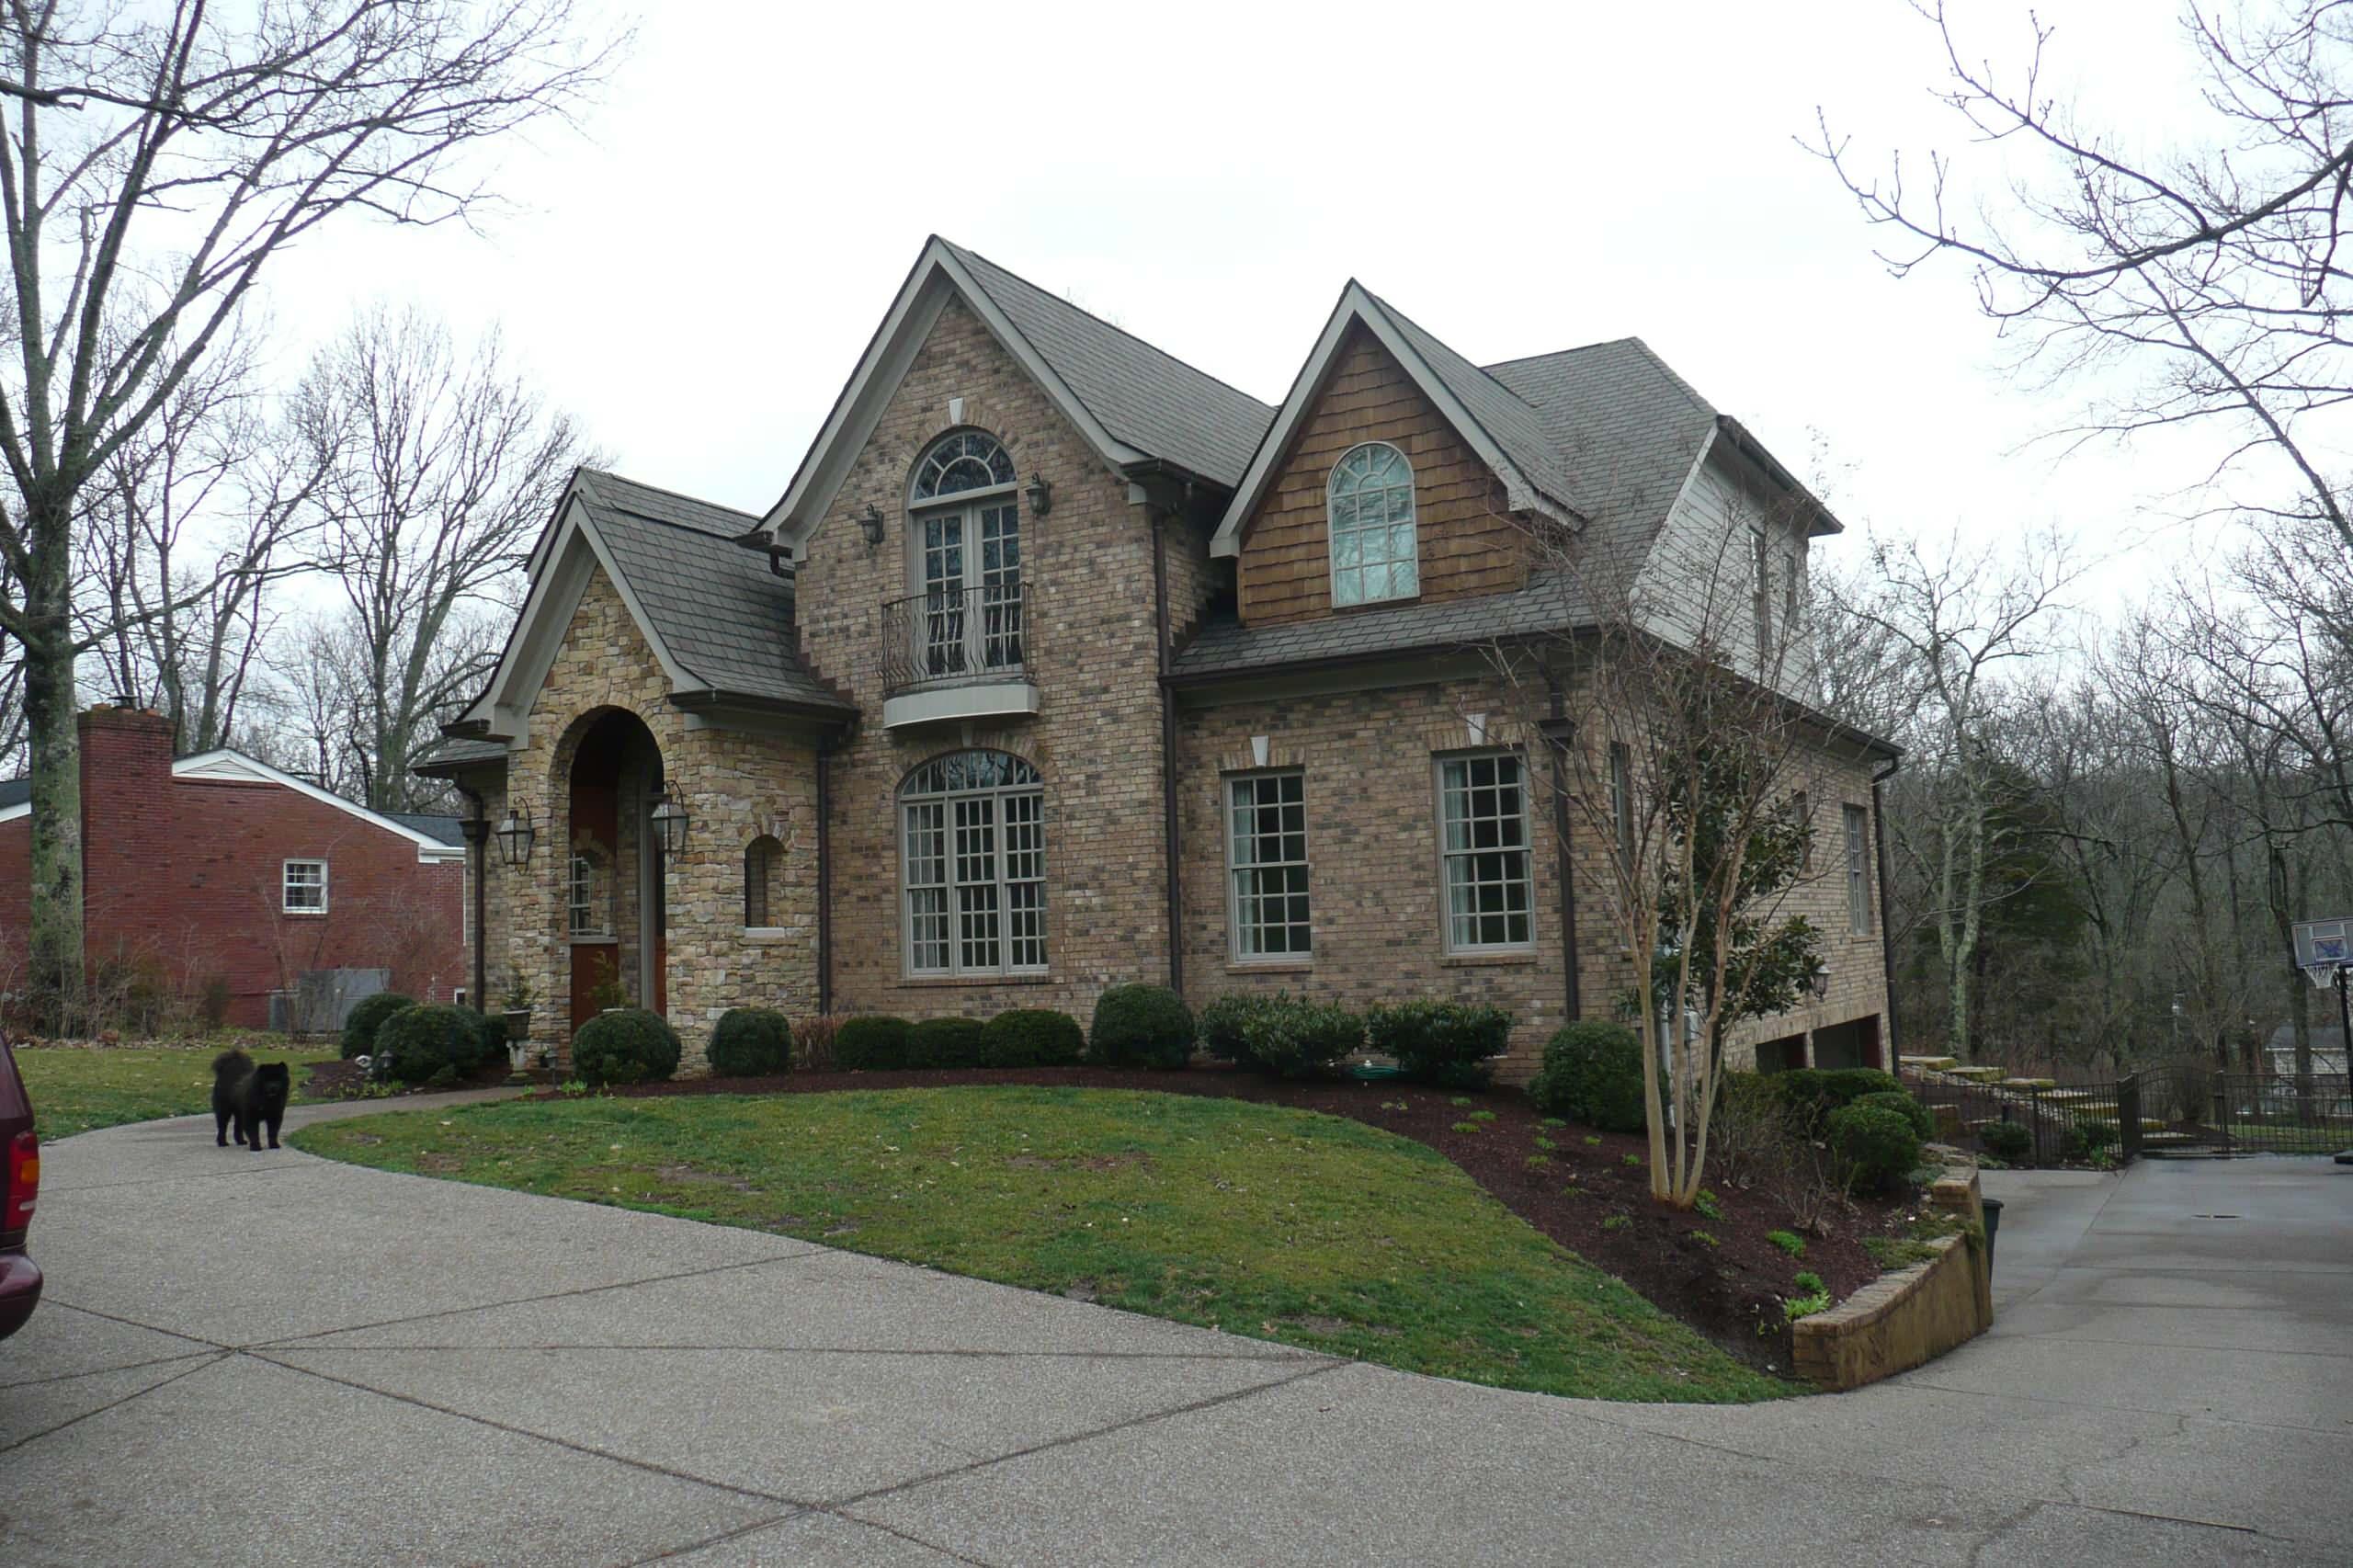 Royal Oaks House